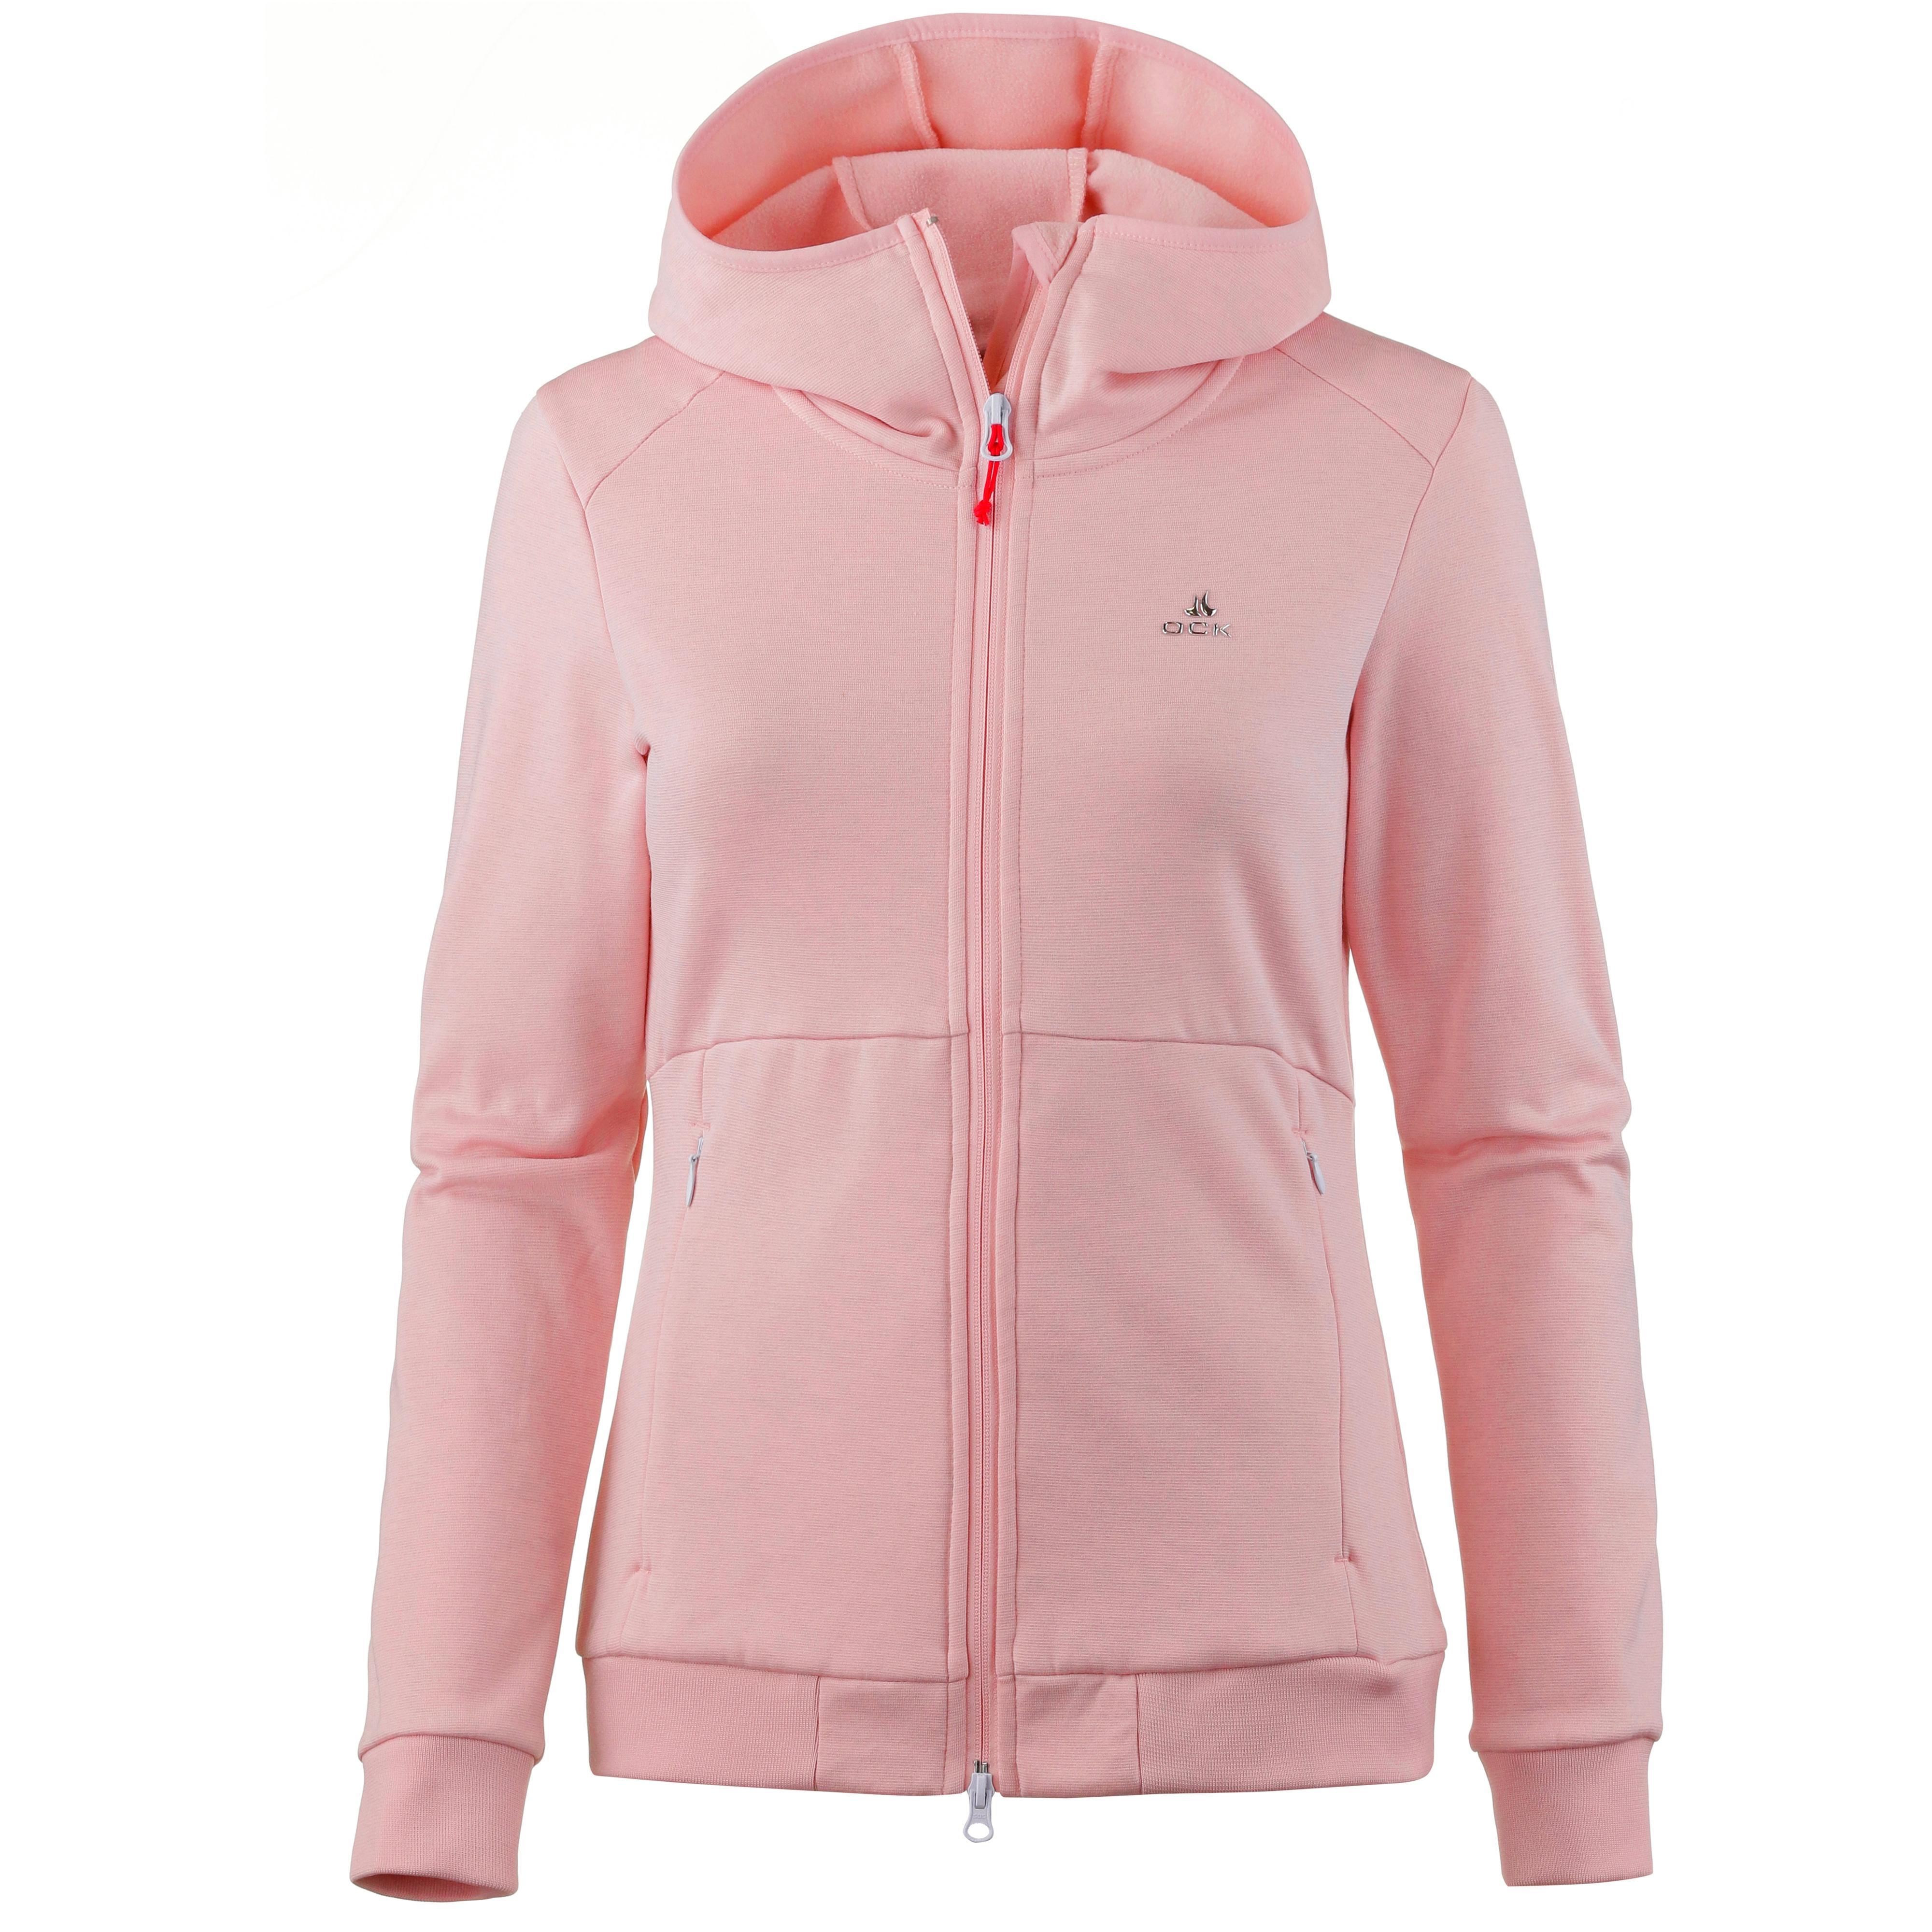 Damen Jacken online günstig kaufen über shop24.at   shop24